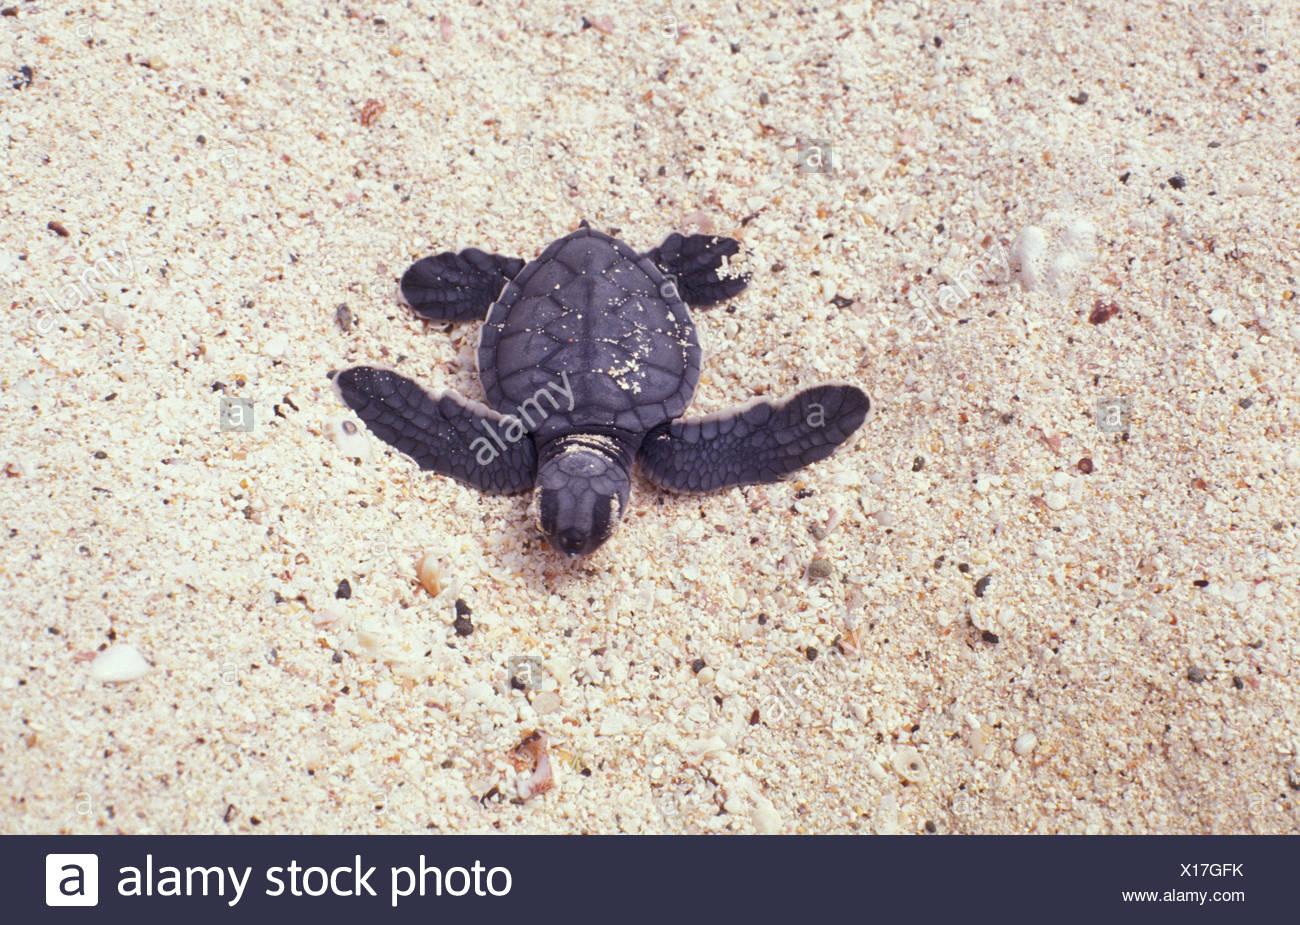 Ungewöhnlich Süsse Meeresschildkröte Färbung Seite Galerie ...